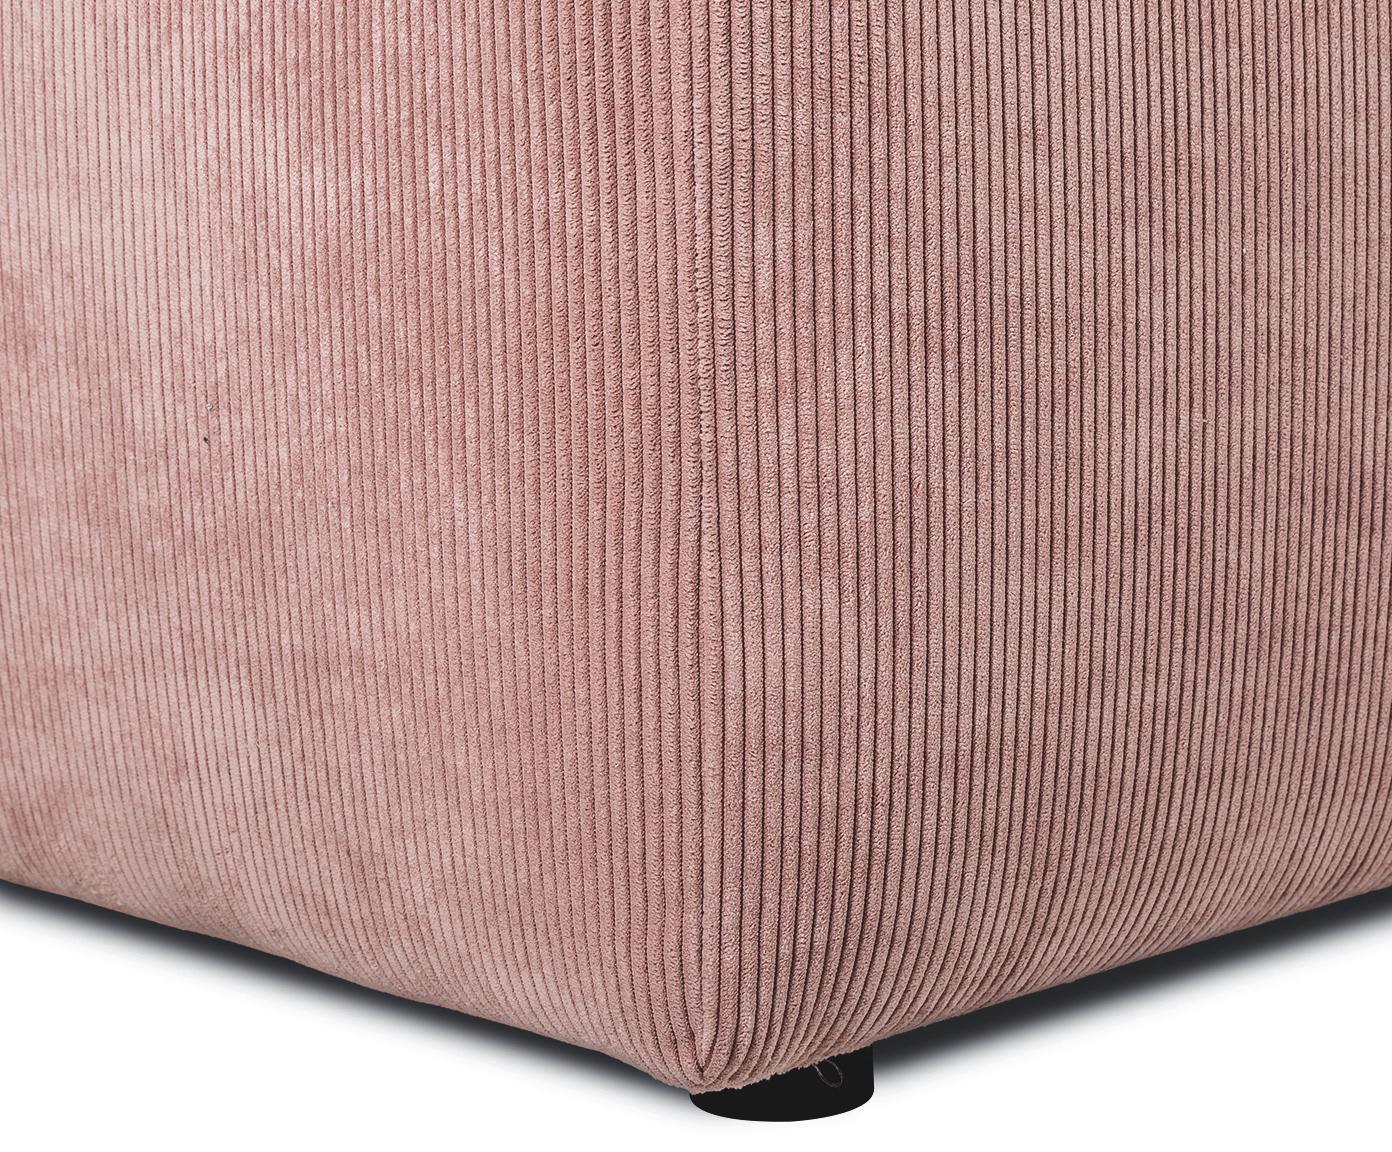 Sofa narożna ze sztruksu Melva (3-osobowa), Tapicerka: sztruks (92% poliester, 8, Stelaż: lite drewno sosnowe, płyt, Nogi: drewno sosnowe, Blady różowy, S 240 x G 144 cm